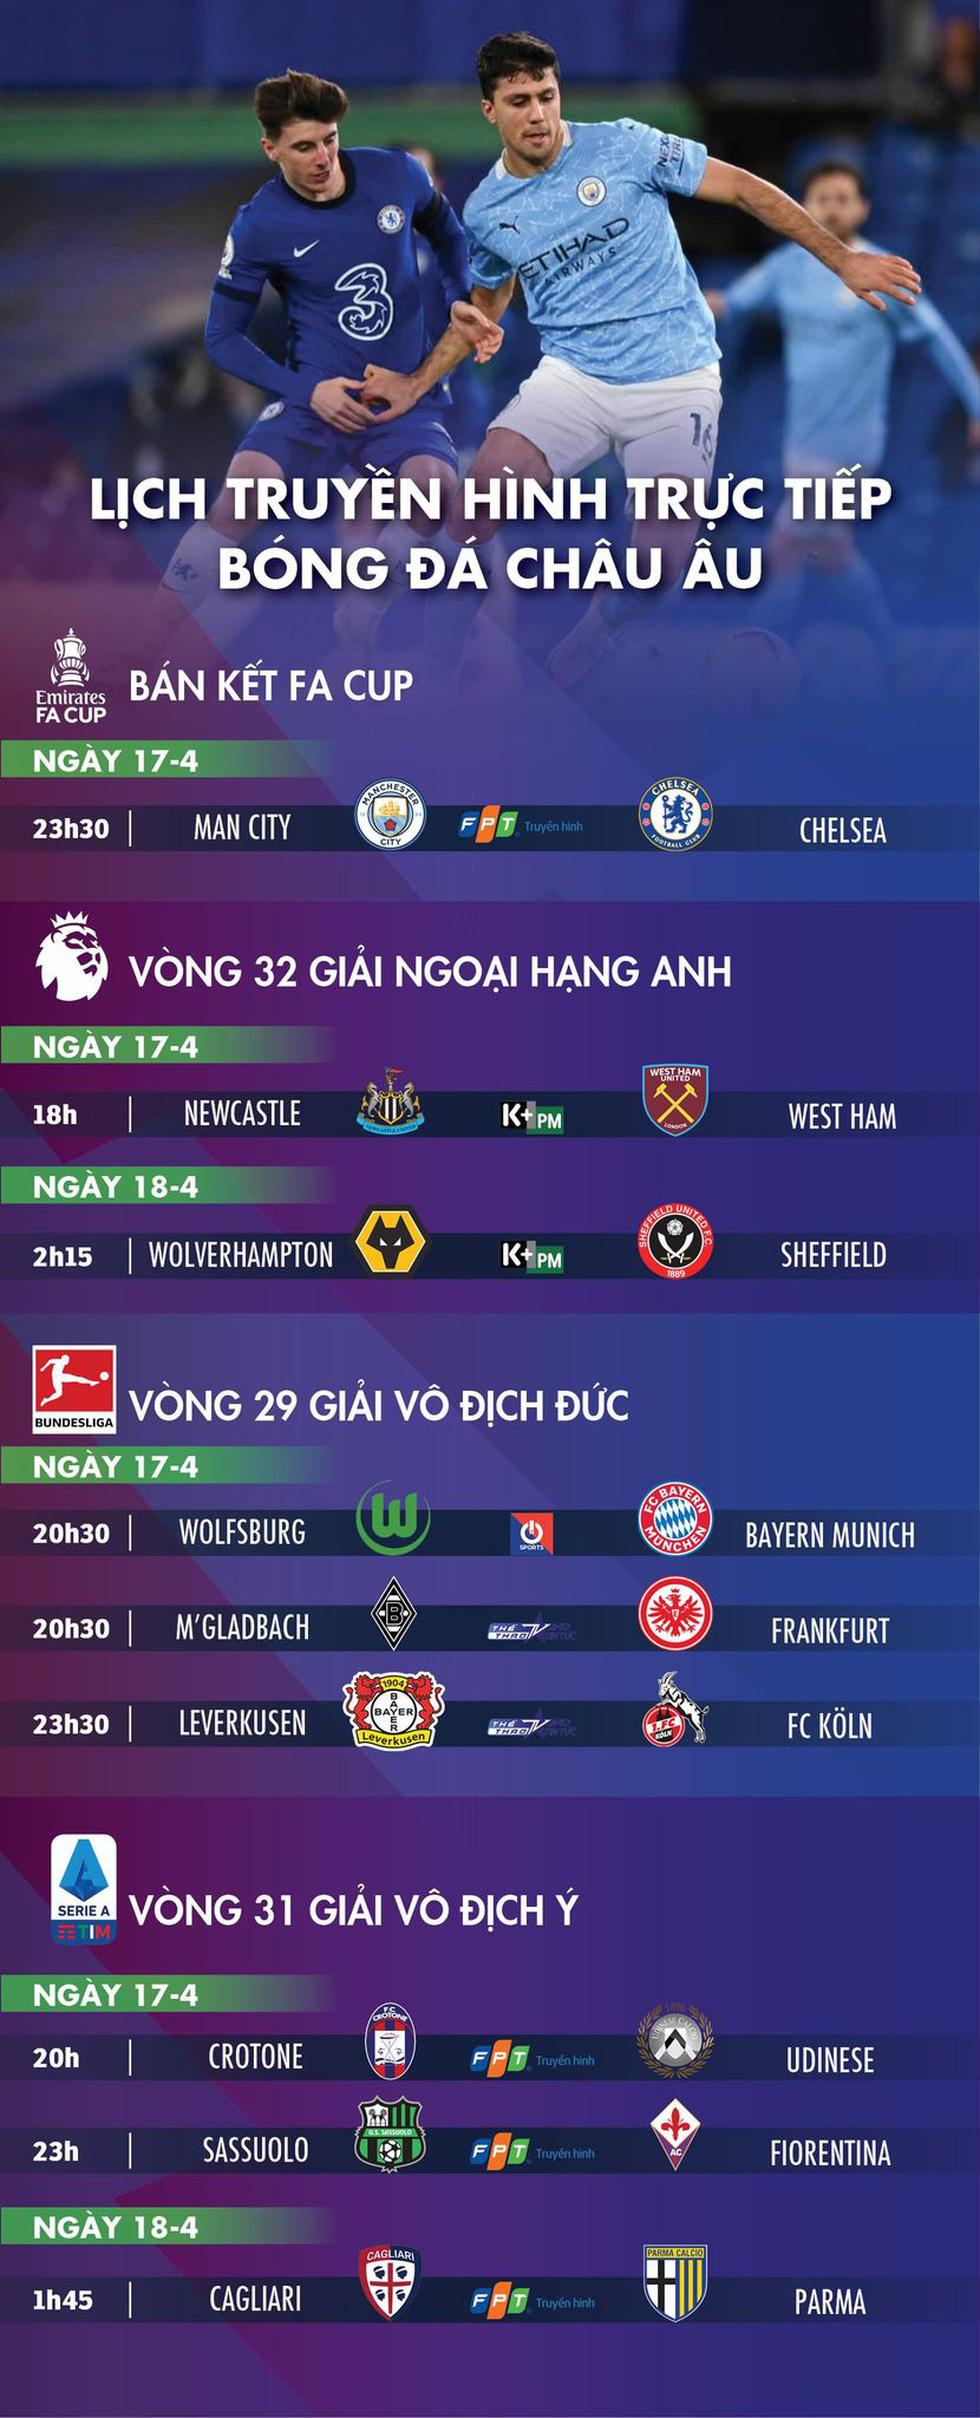 Lịch trực tiếp bóng đá châu Âu 17-4: Đại chiến Man City - Chelsea - Ảnh 1.